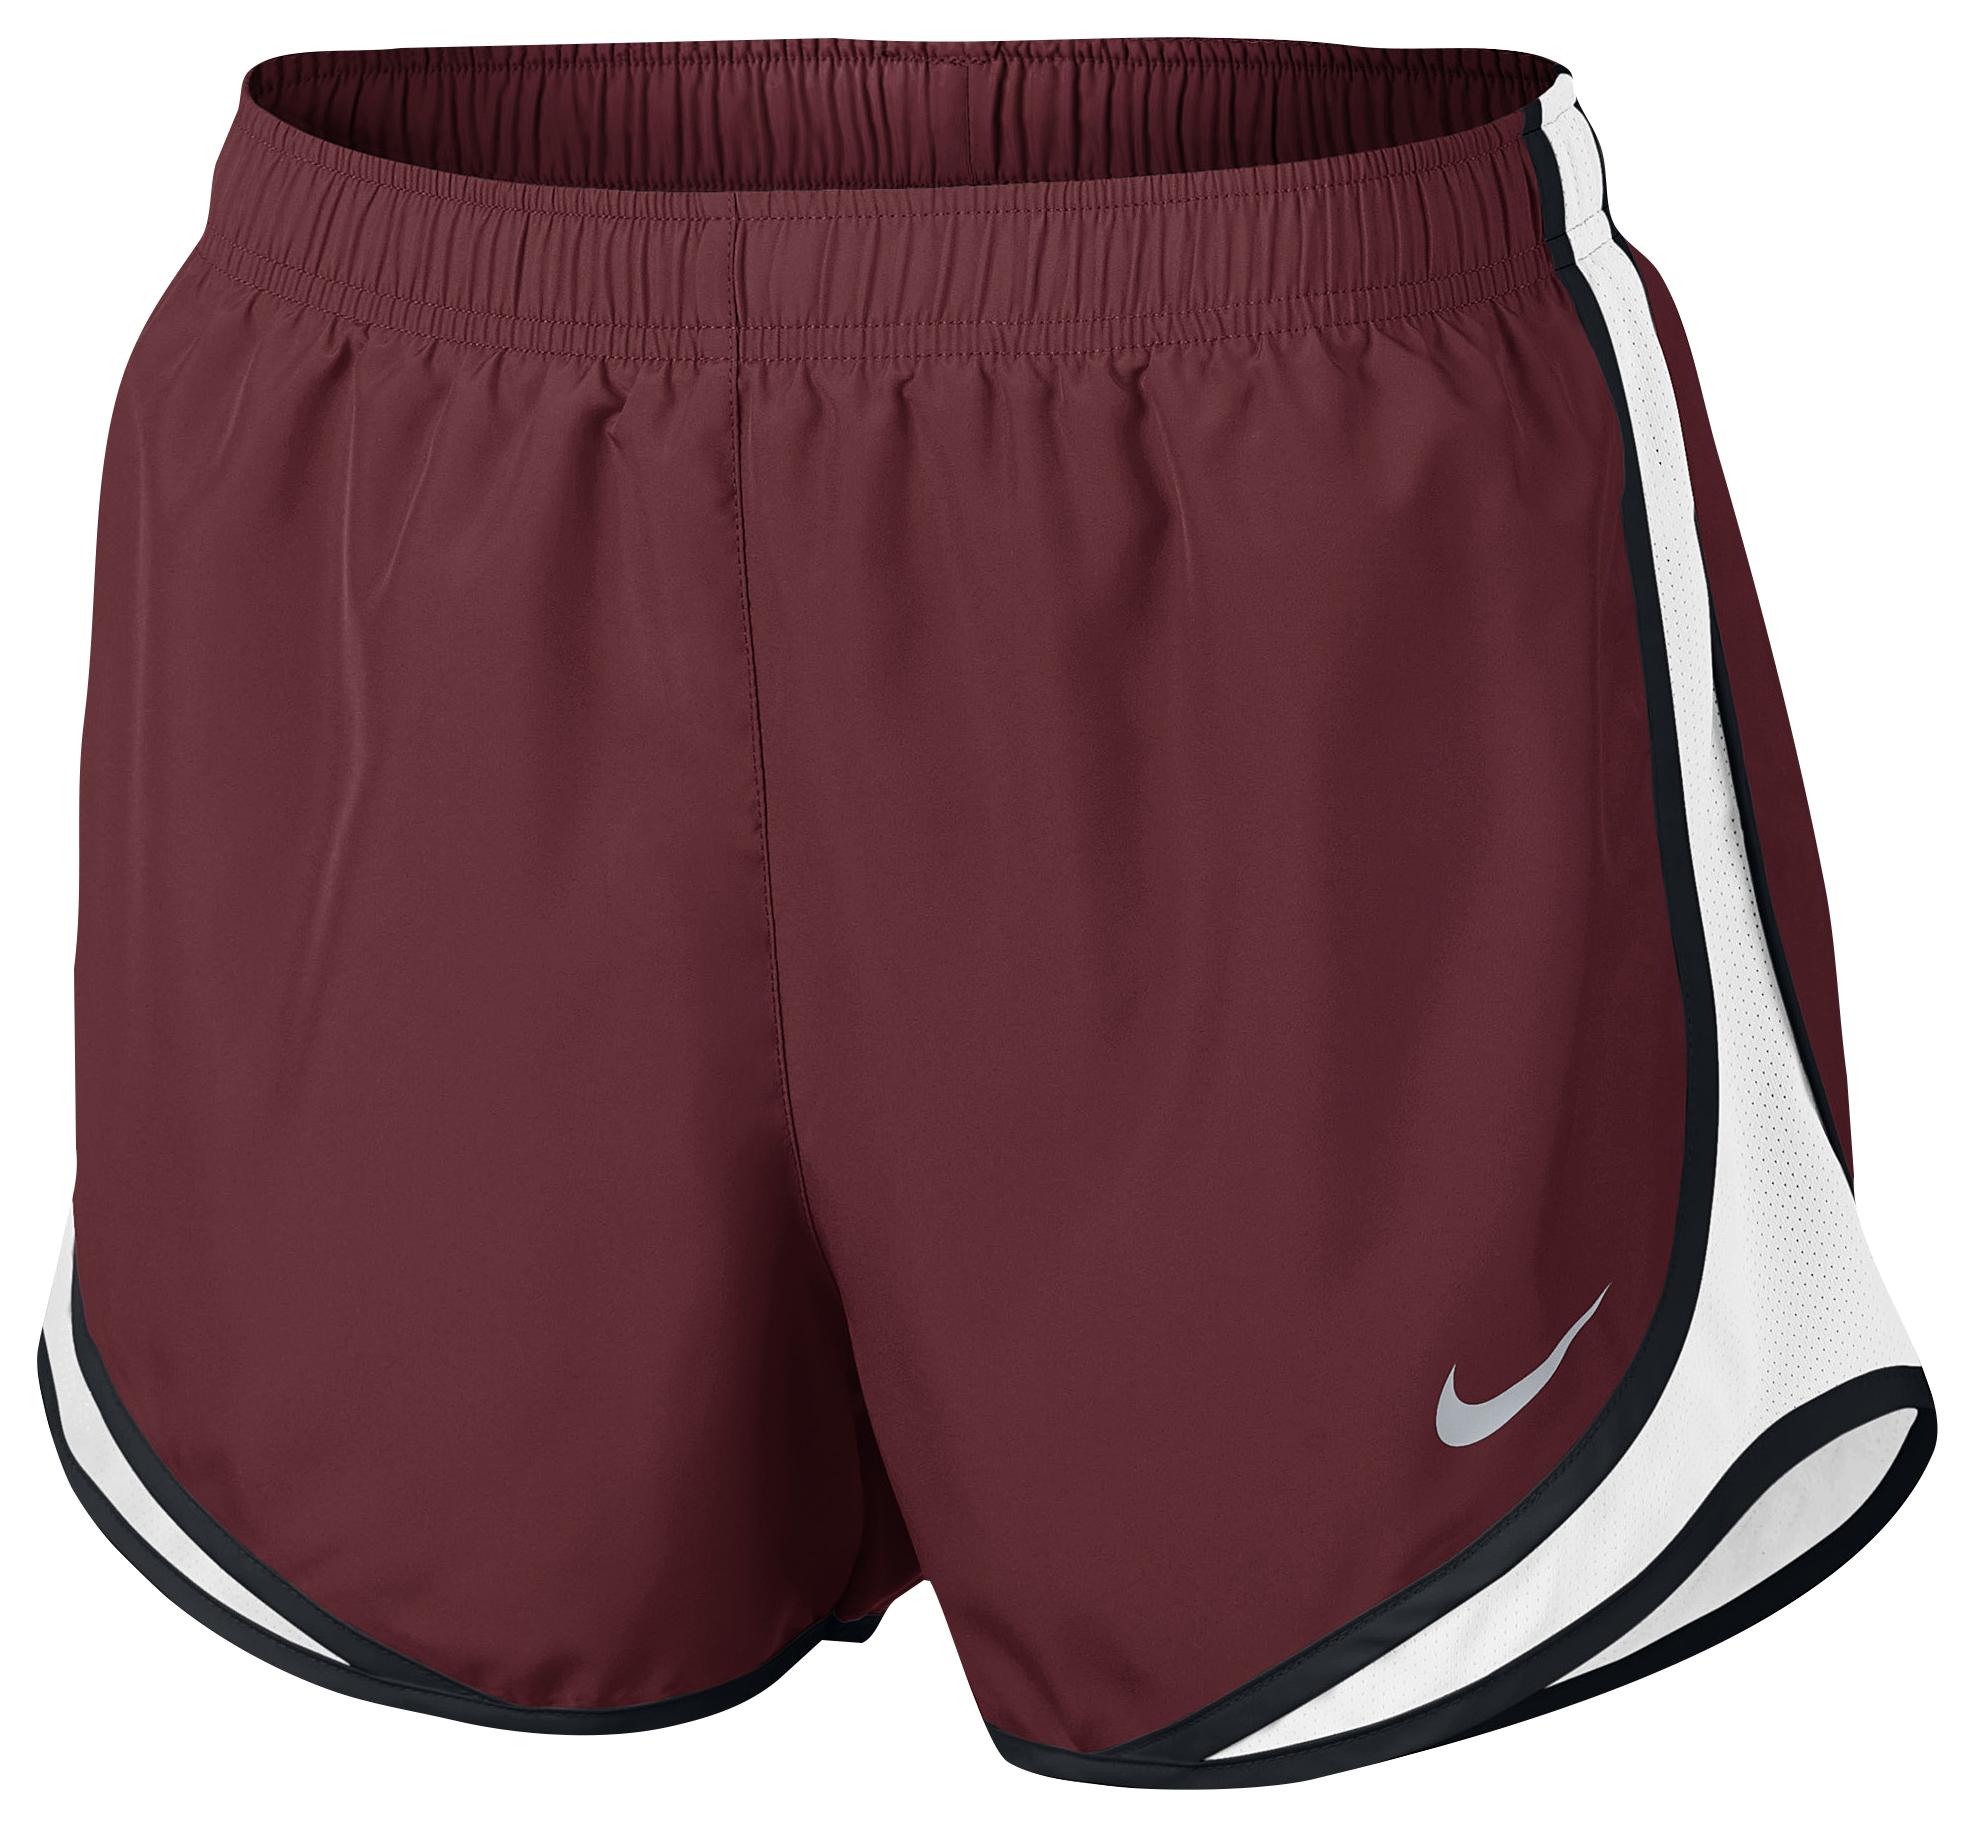 Nike Shorts De Course Dames Vente Bottes pour pas cher sortie d'usine rabais sortie 100% garanti libre rabais d'expédition 4xTZOVgI